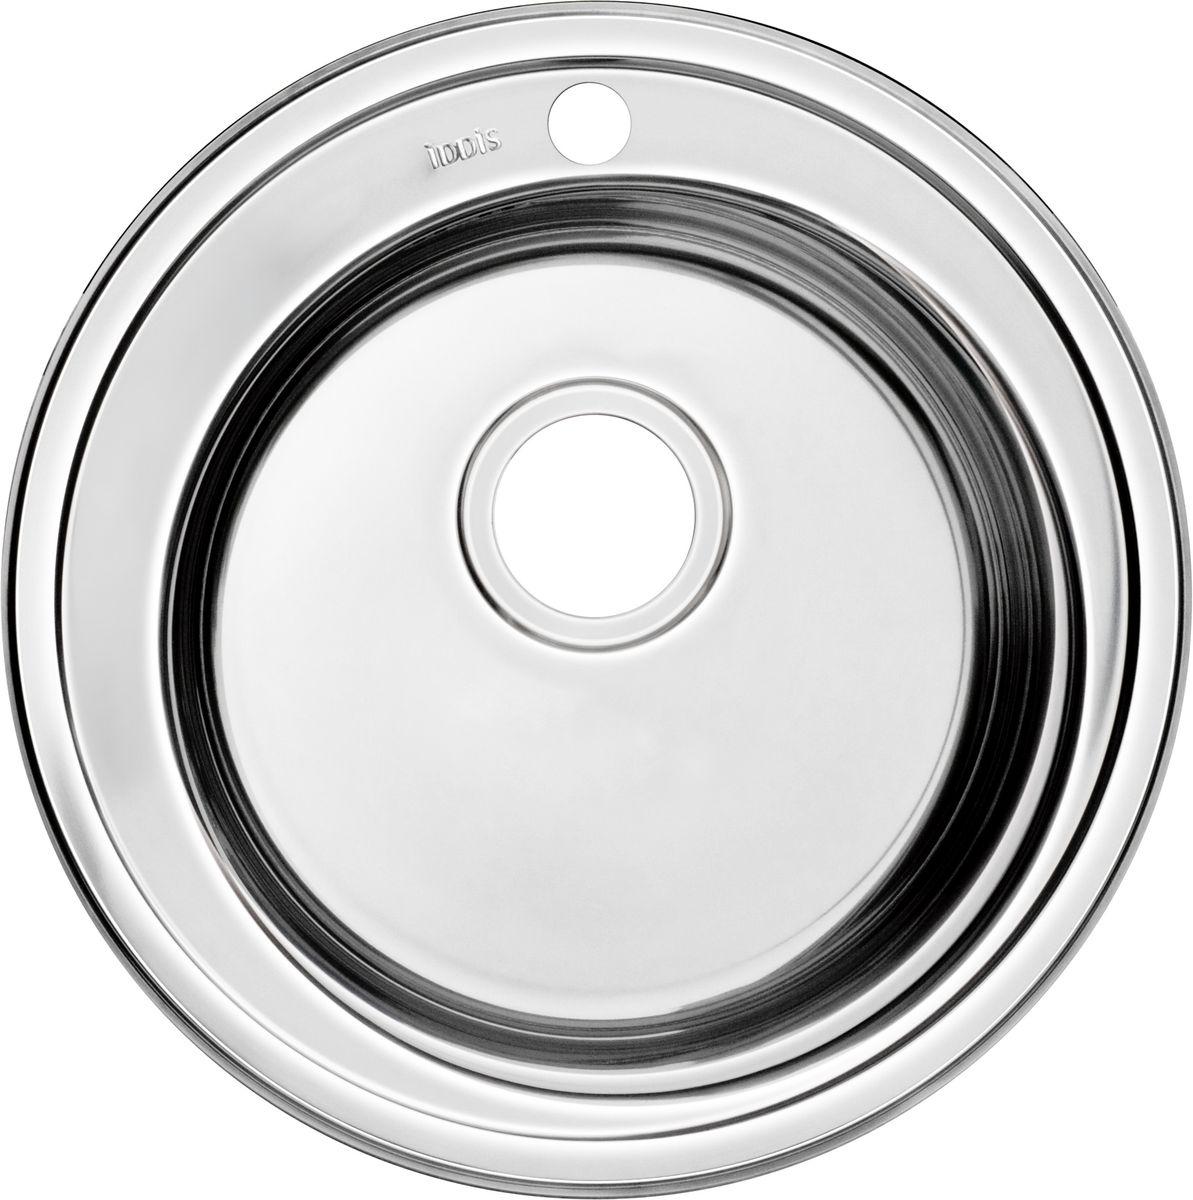 Мойка Iddis Suno, шелк, D505. SUN50S0i77SUN50S0i77Корпус мойки выполнен из специальной нержавеющей стали марки 304 с содержанием хрома 18%, никеля 10% , это гарантирует устойчивость к воздействию химических веществ, появлению пятен и коррозии. Толщина стали в мойкам варьируется от 0,8 до 0,9 мм в зависимости от коллекций. Специальное дополнительное антишумовое покрытие Silenon, нанесенное на обратную сторону чаш, разработано для снижения шума воды в мойке. Конструкция краев мойки, крепления и специальная уплотнительная прокладка обеспечивает максимально плотное прилегание к столешнице и защищает от протекания. Каждая мойка из нержавеющей стали IDDIS имеет изготовленное на заводе отверстие под смеситель, что делает ее полностью готовой к установке. Наличие шаблона для выреза отверстия в столешнице для каждой модели облегчает процесс установки моек IDDIS. Специальная обработка углов моек из нержавеющей стали IDDIS гарантирует абсолютное прилегание к столешнице. Гарантия на мойки из нержавеющей стали...